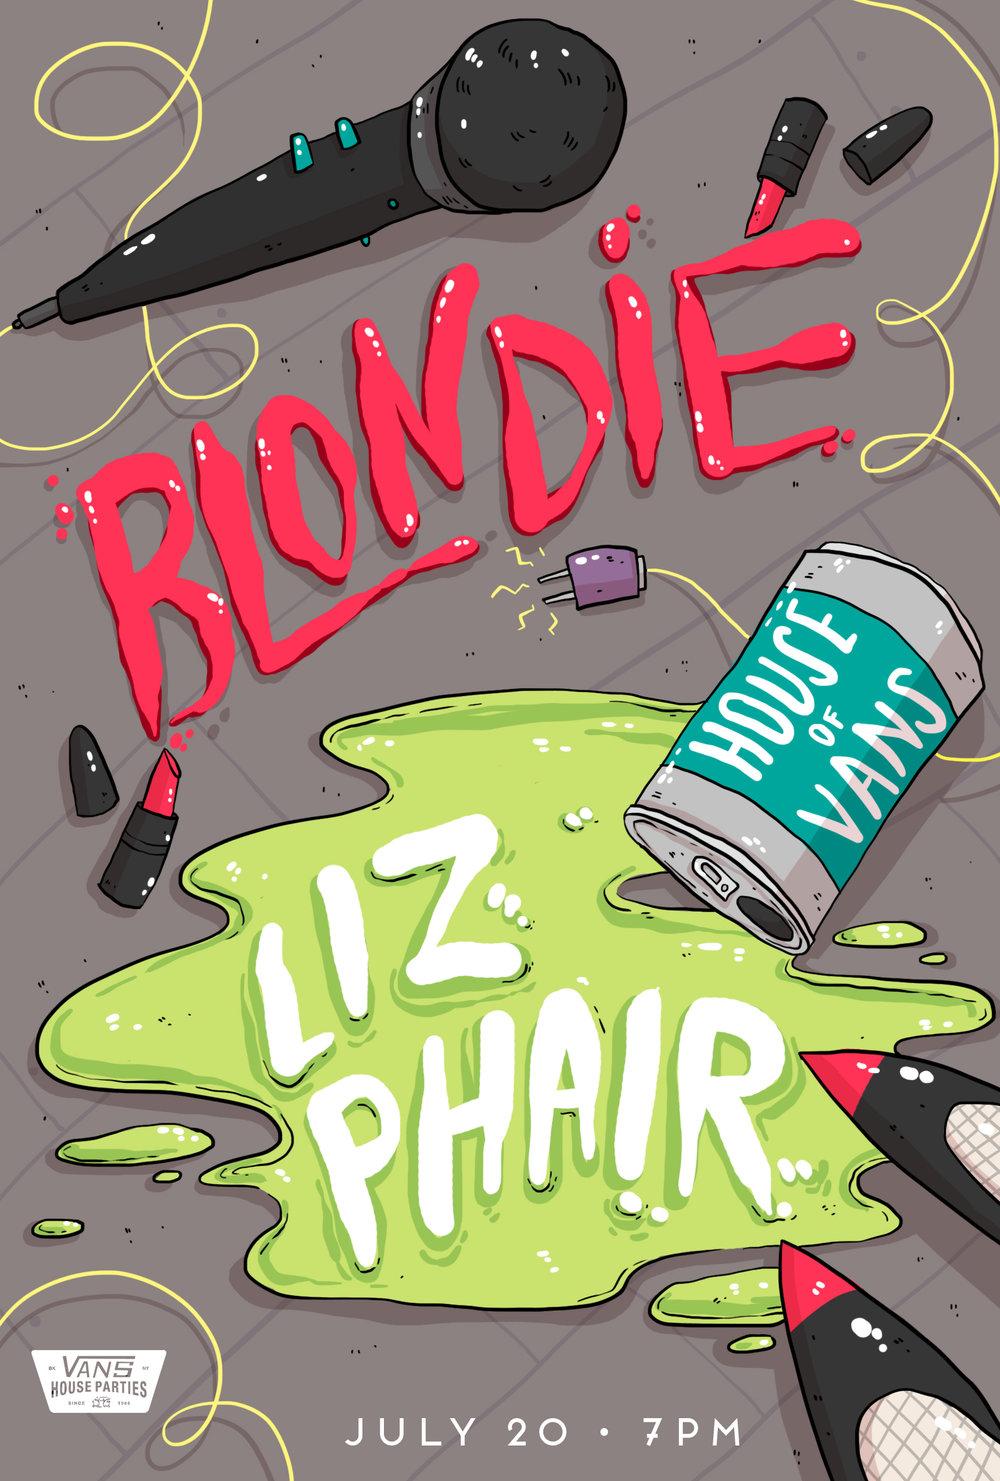 Blondie x Liz Phair